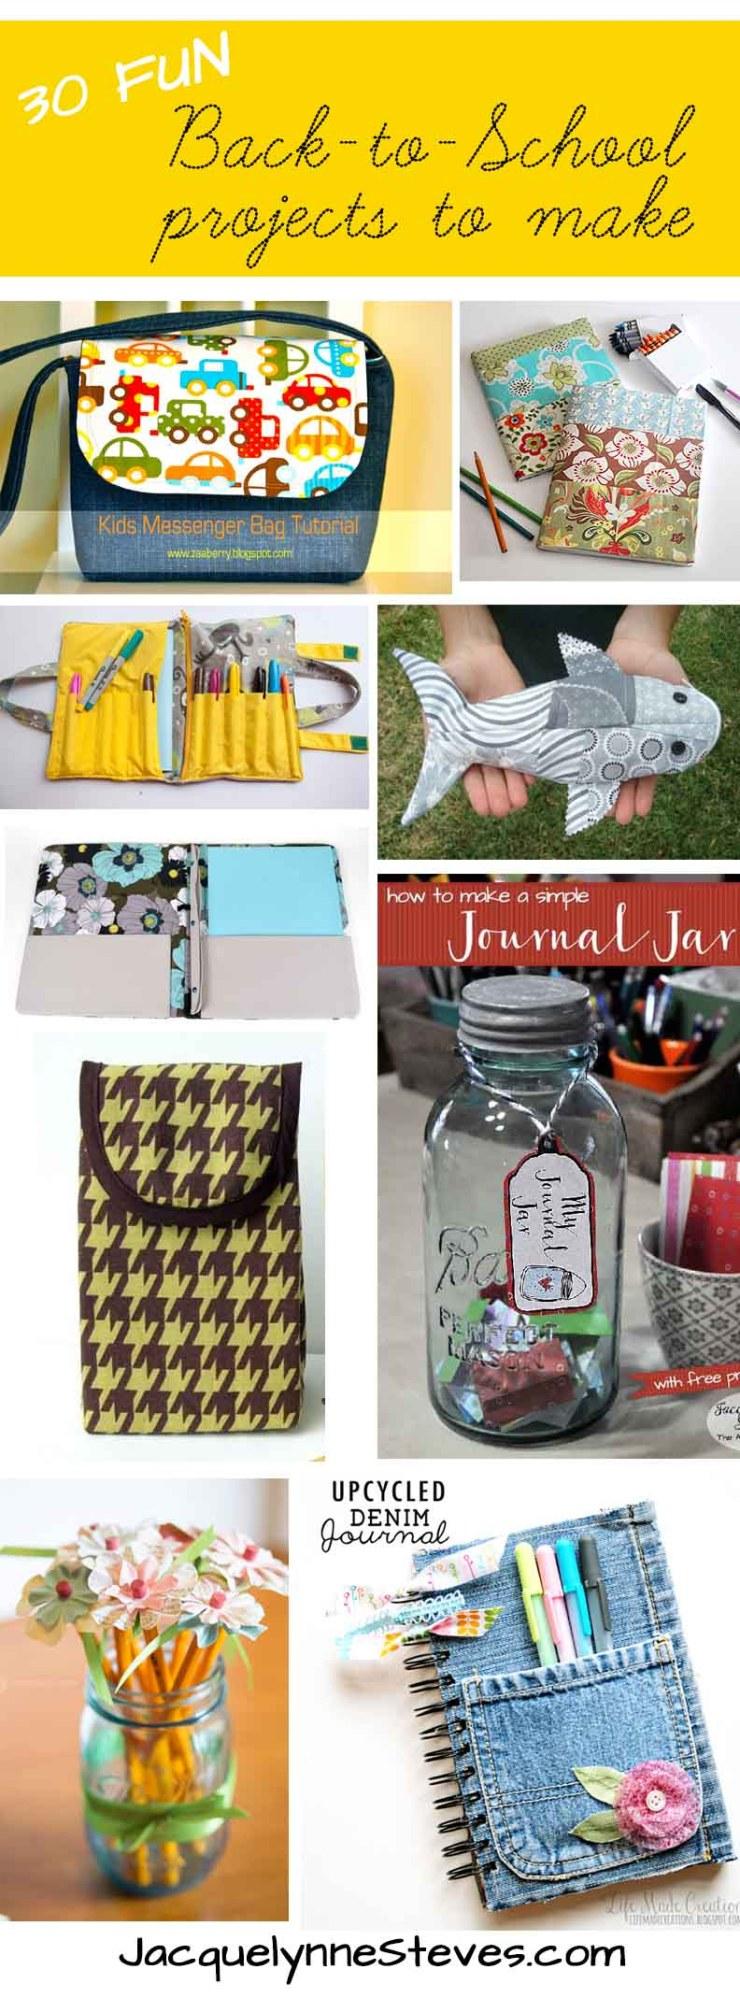 30BackToSchoolProjectsToMake-JacquelynneSteves_